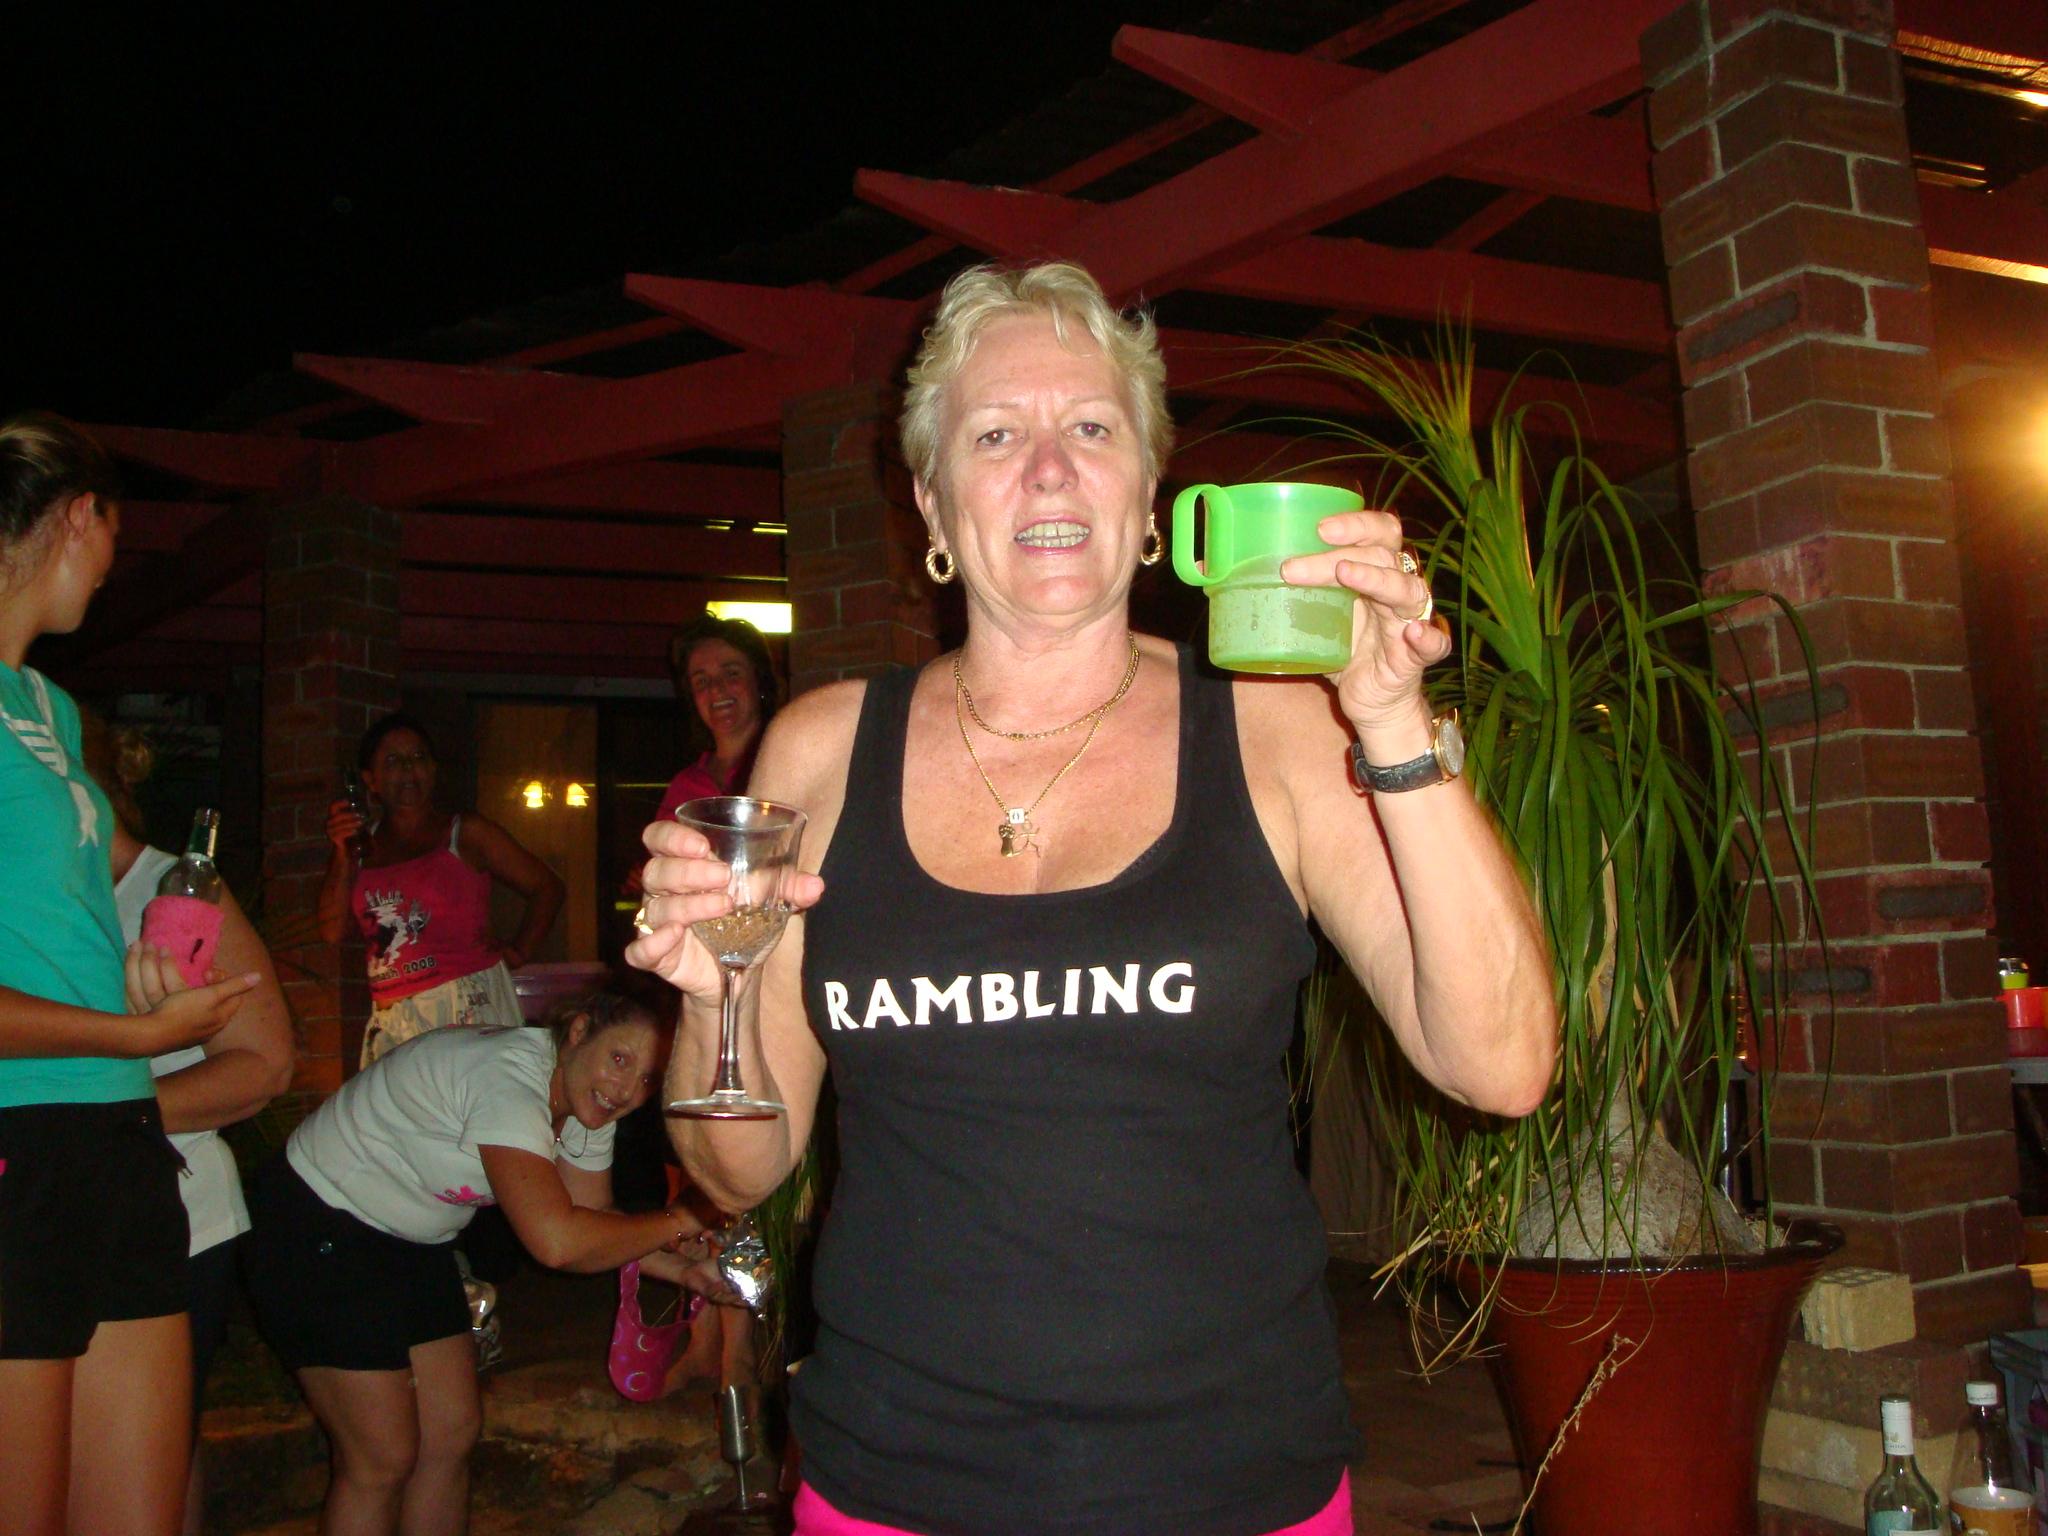 Rambling's Run according to Freebie